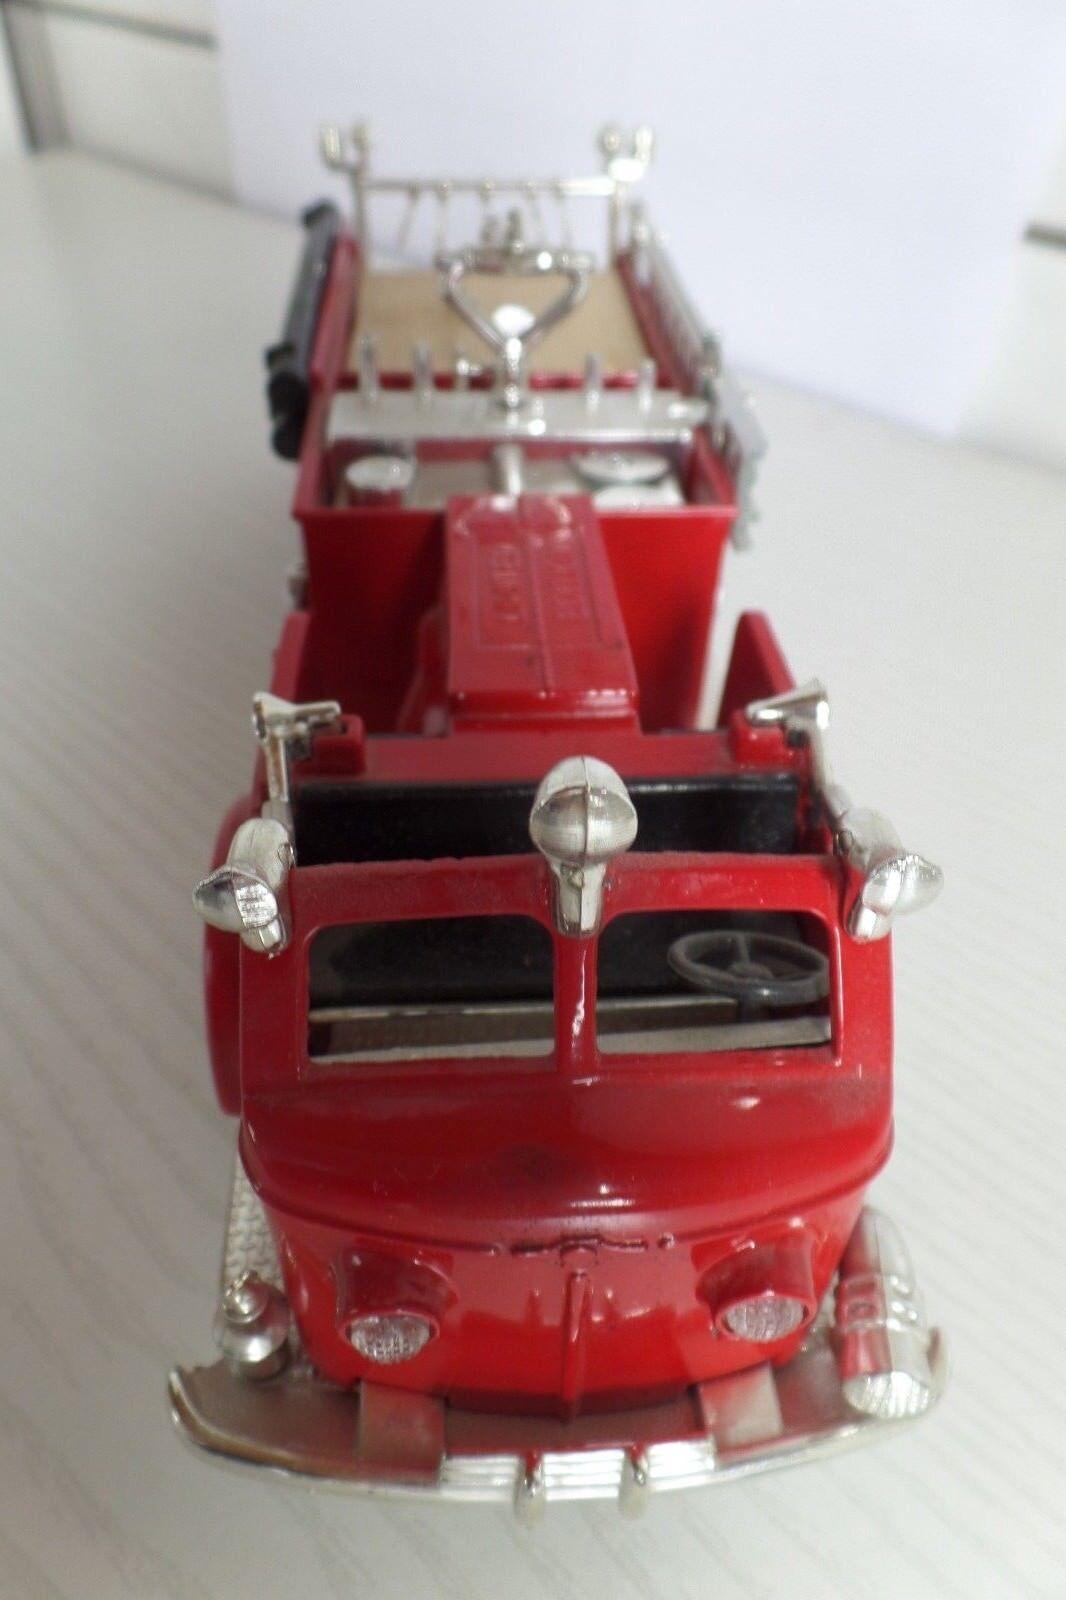 ERTL Feuerwehrfahrzeug Dubuque,Jowa,1948,  als Spardose  | | | Online-verkauf  ce8c47